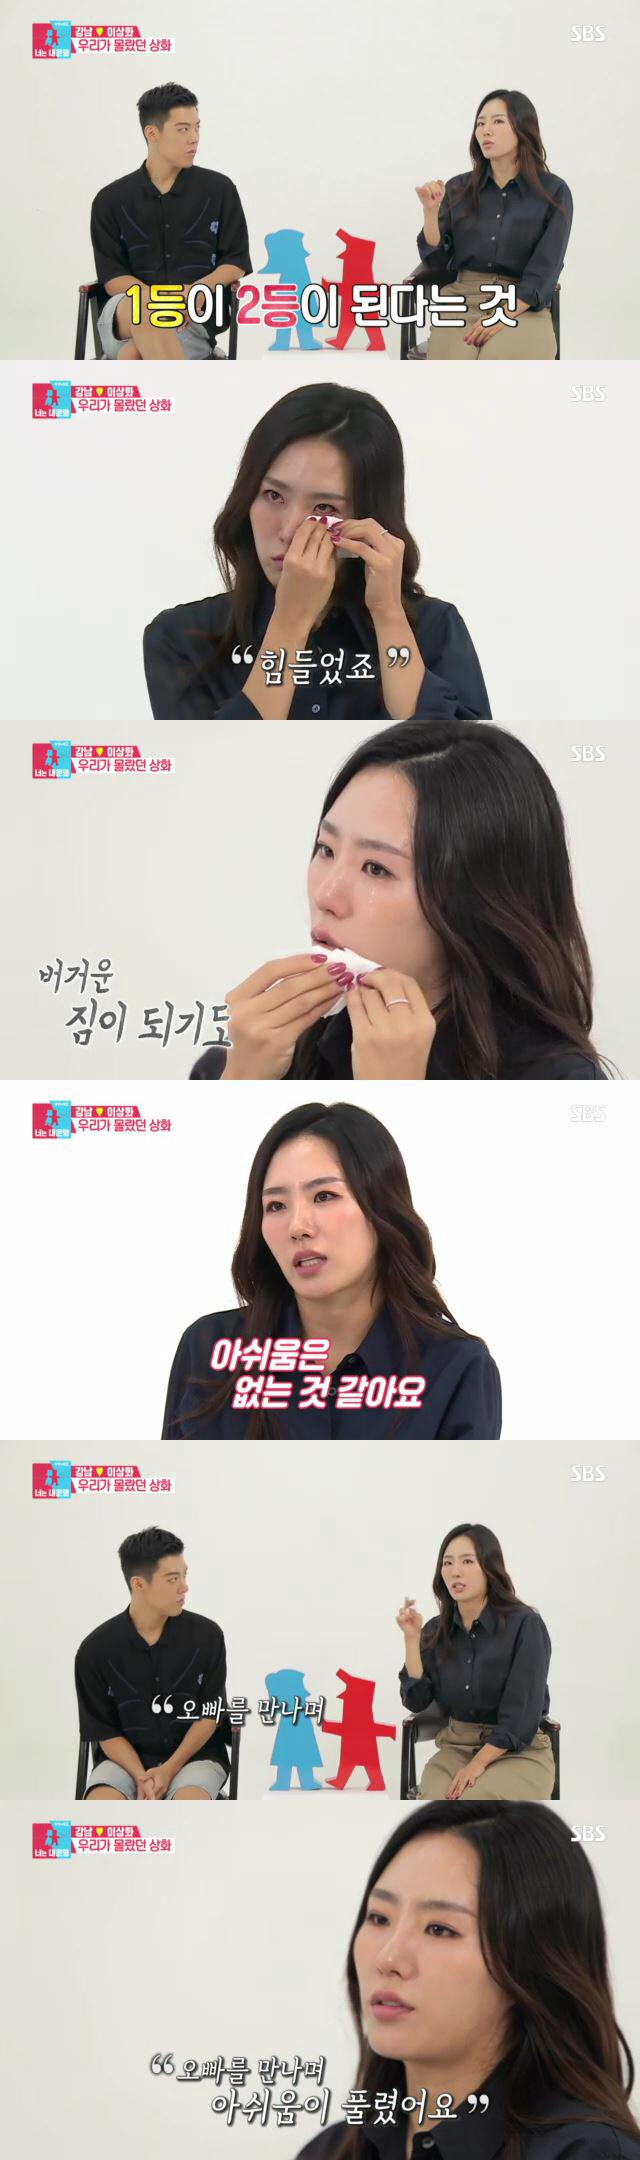 '너는 내 운명' 이상화, 은퇴 심경 최초 고백 '눈물'..강남 만나 치유돼